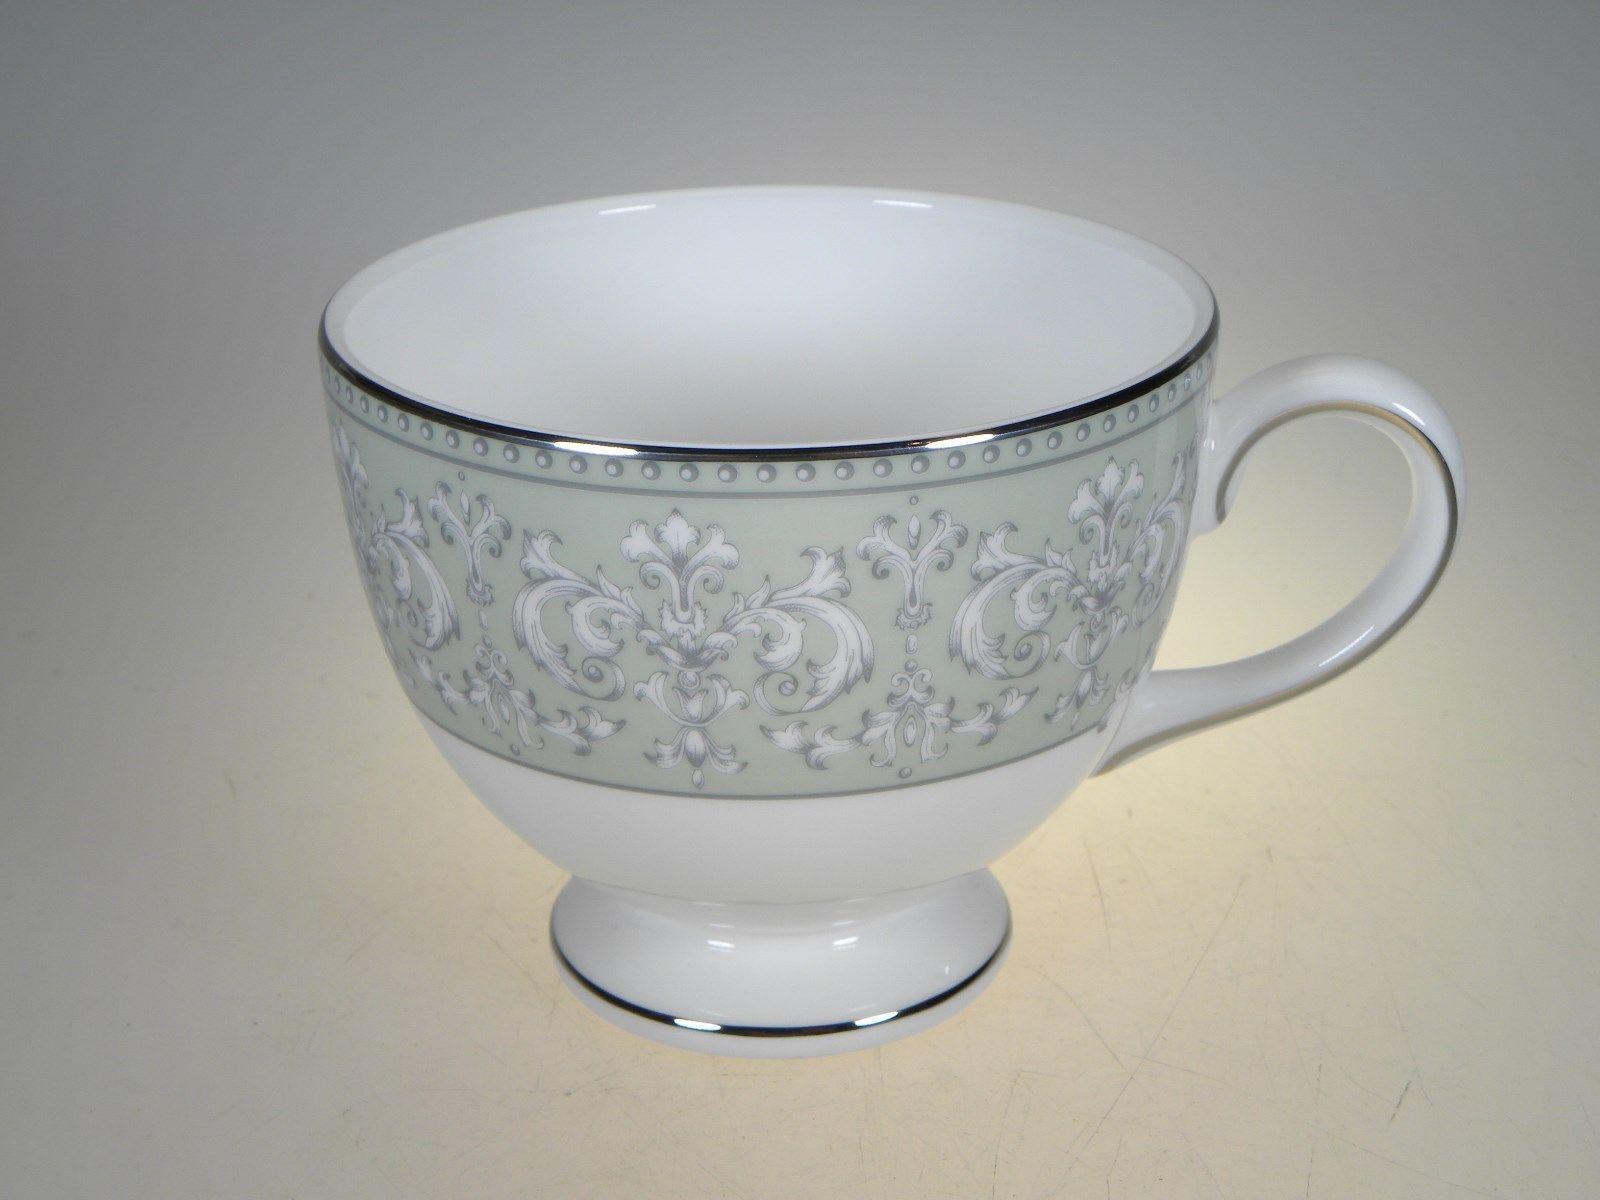 Wedgwood Juliet Teacup